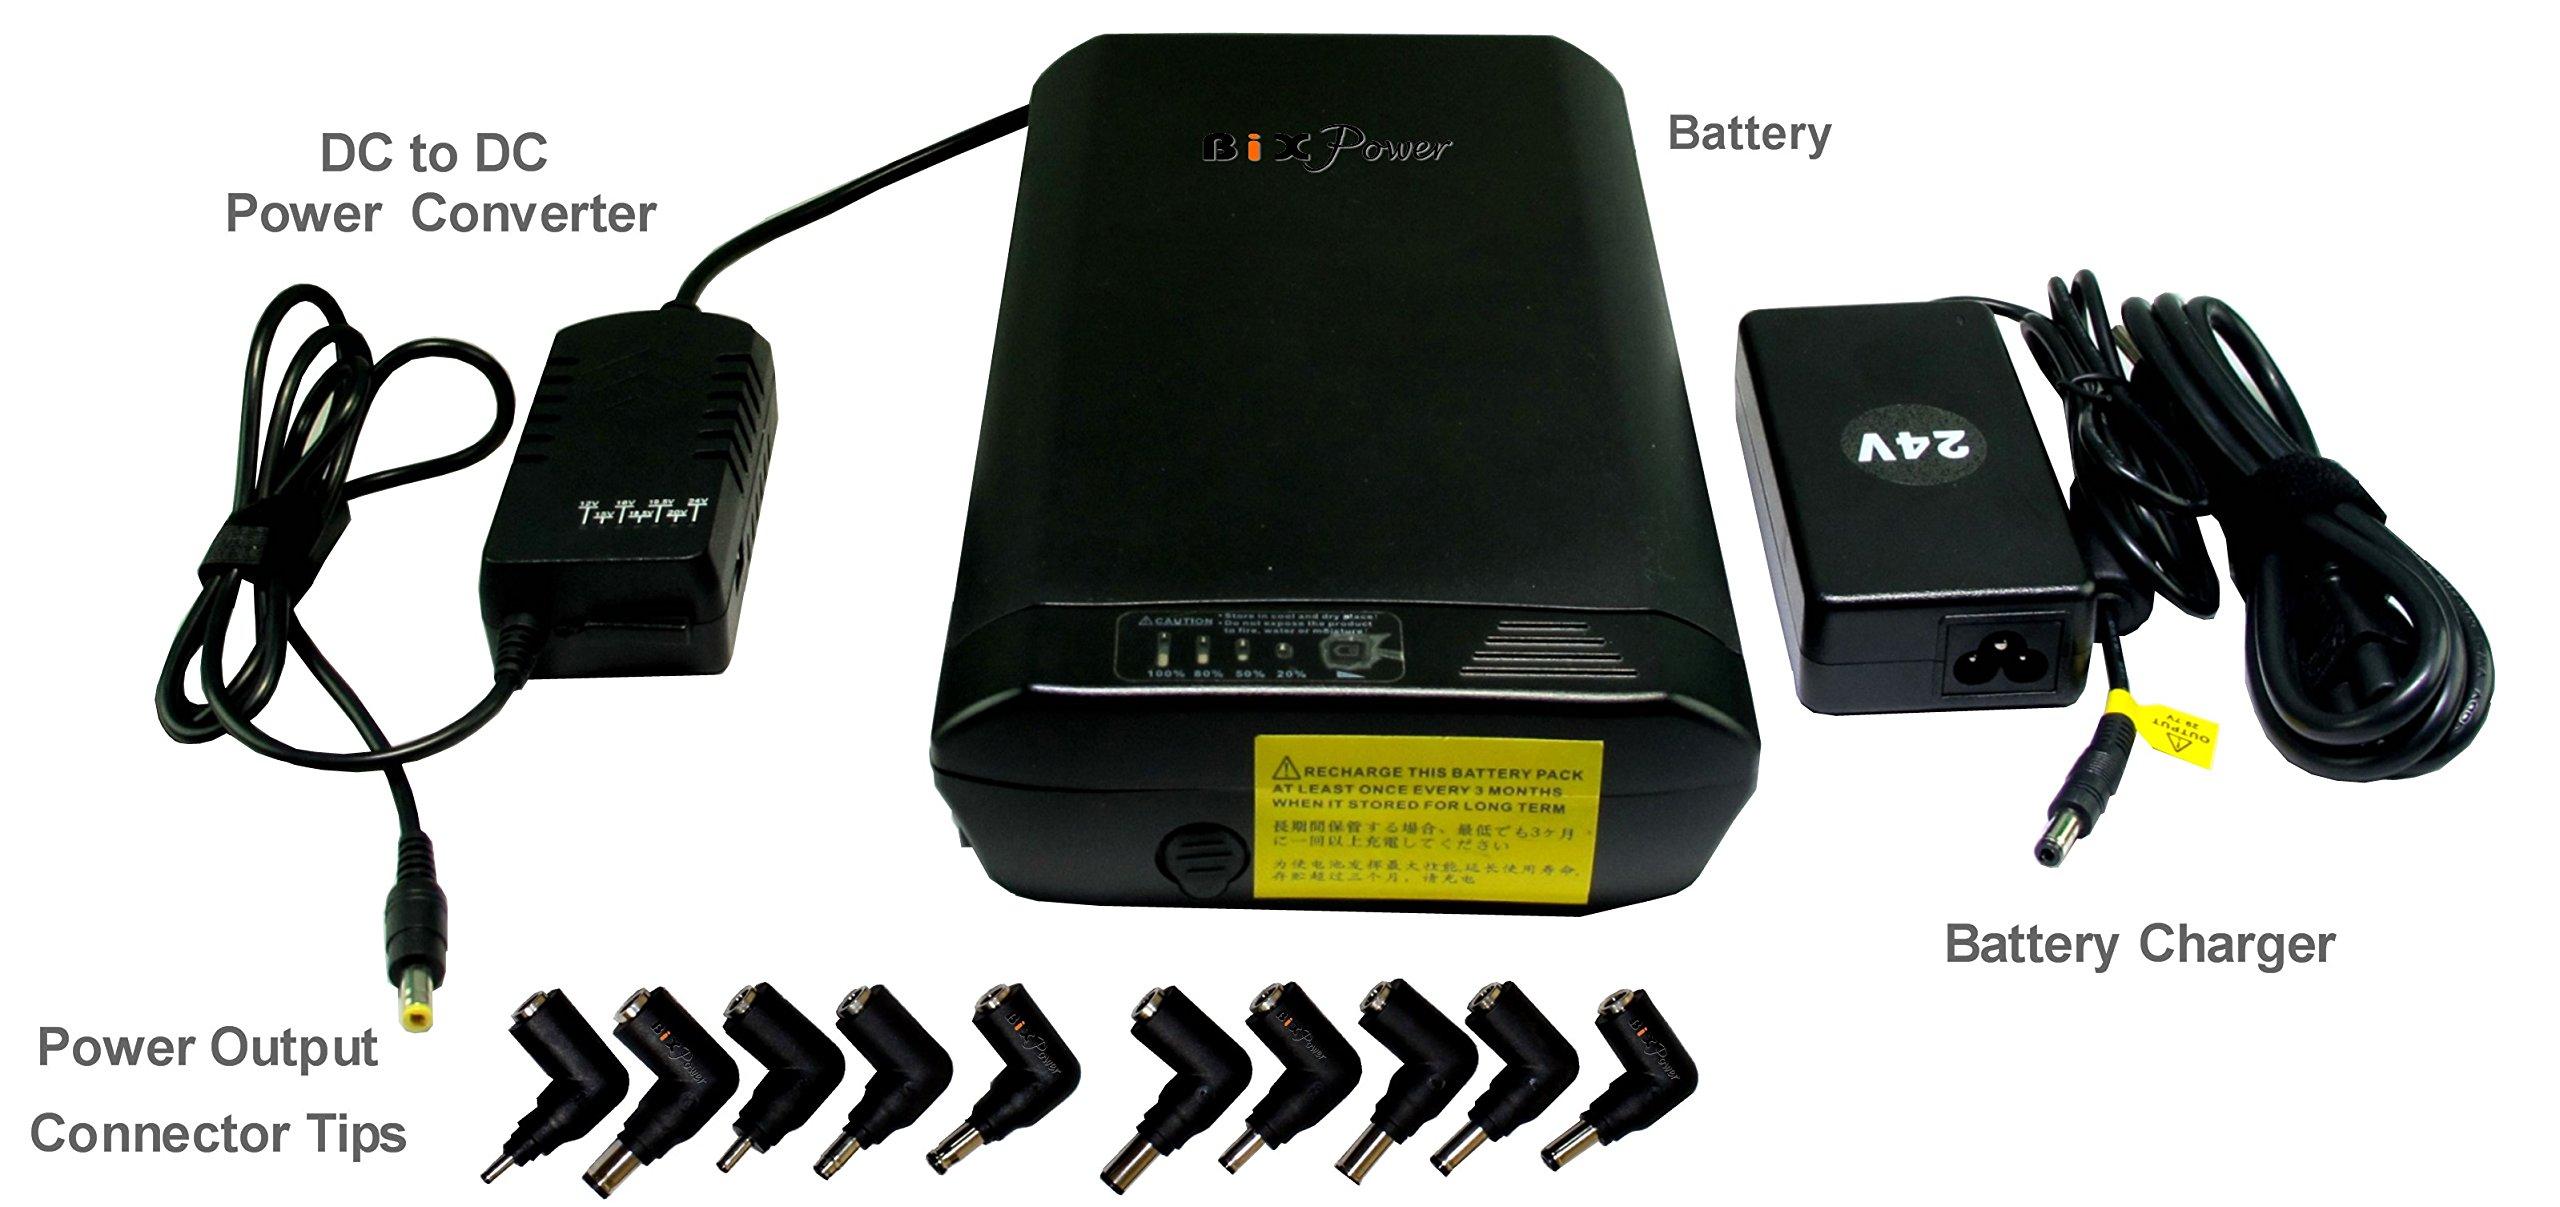 BiXPower MP300 Super Capacity Battery Pack - 300 Watt-hour Battery with Multi Output Voltages (12v/15v/16v/18v/19v/24v) Power Converter Combo Kit